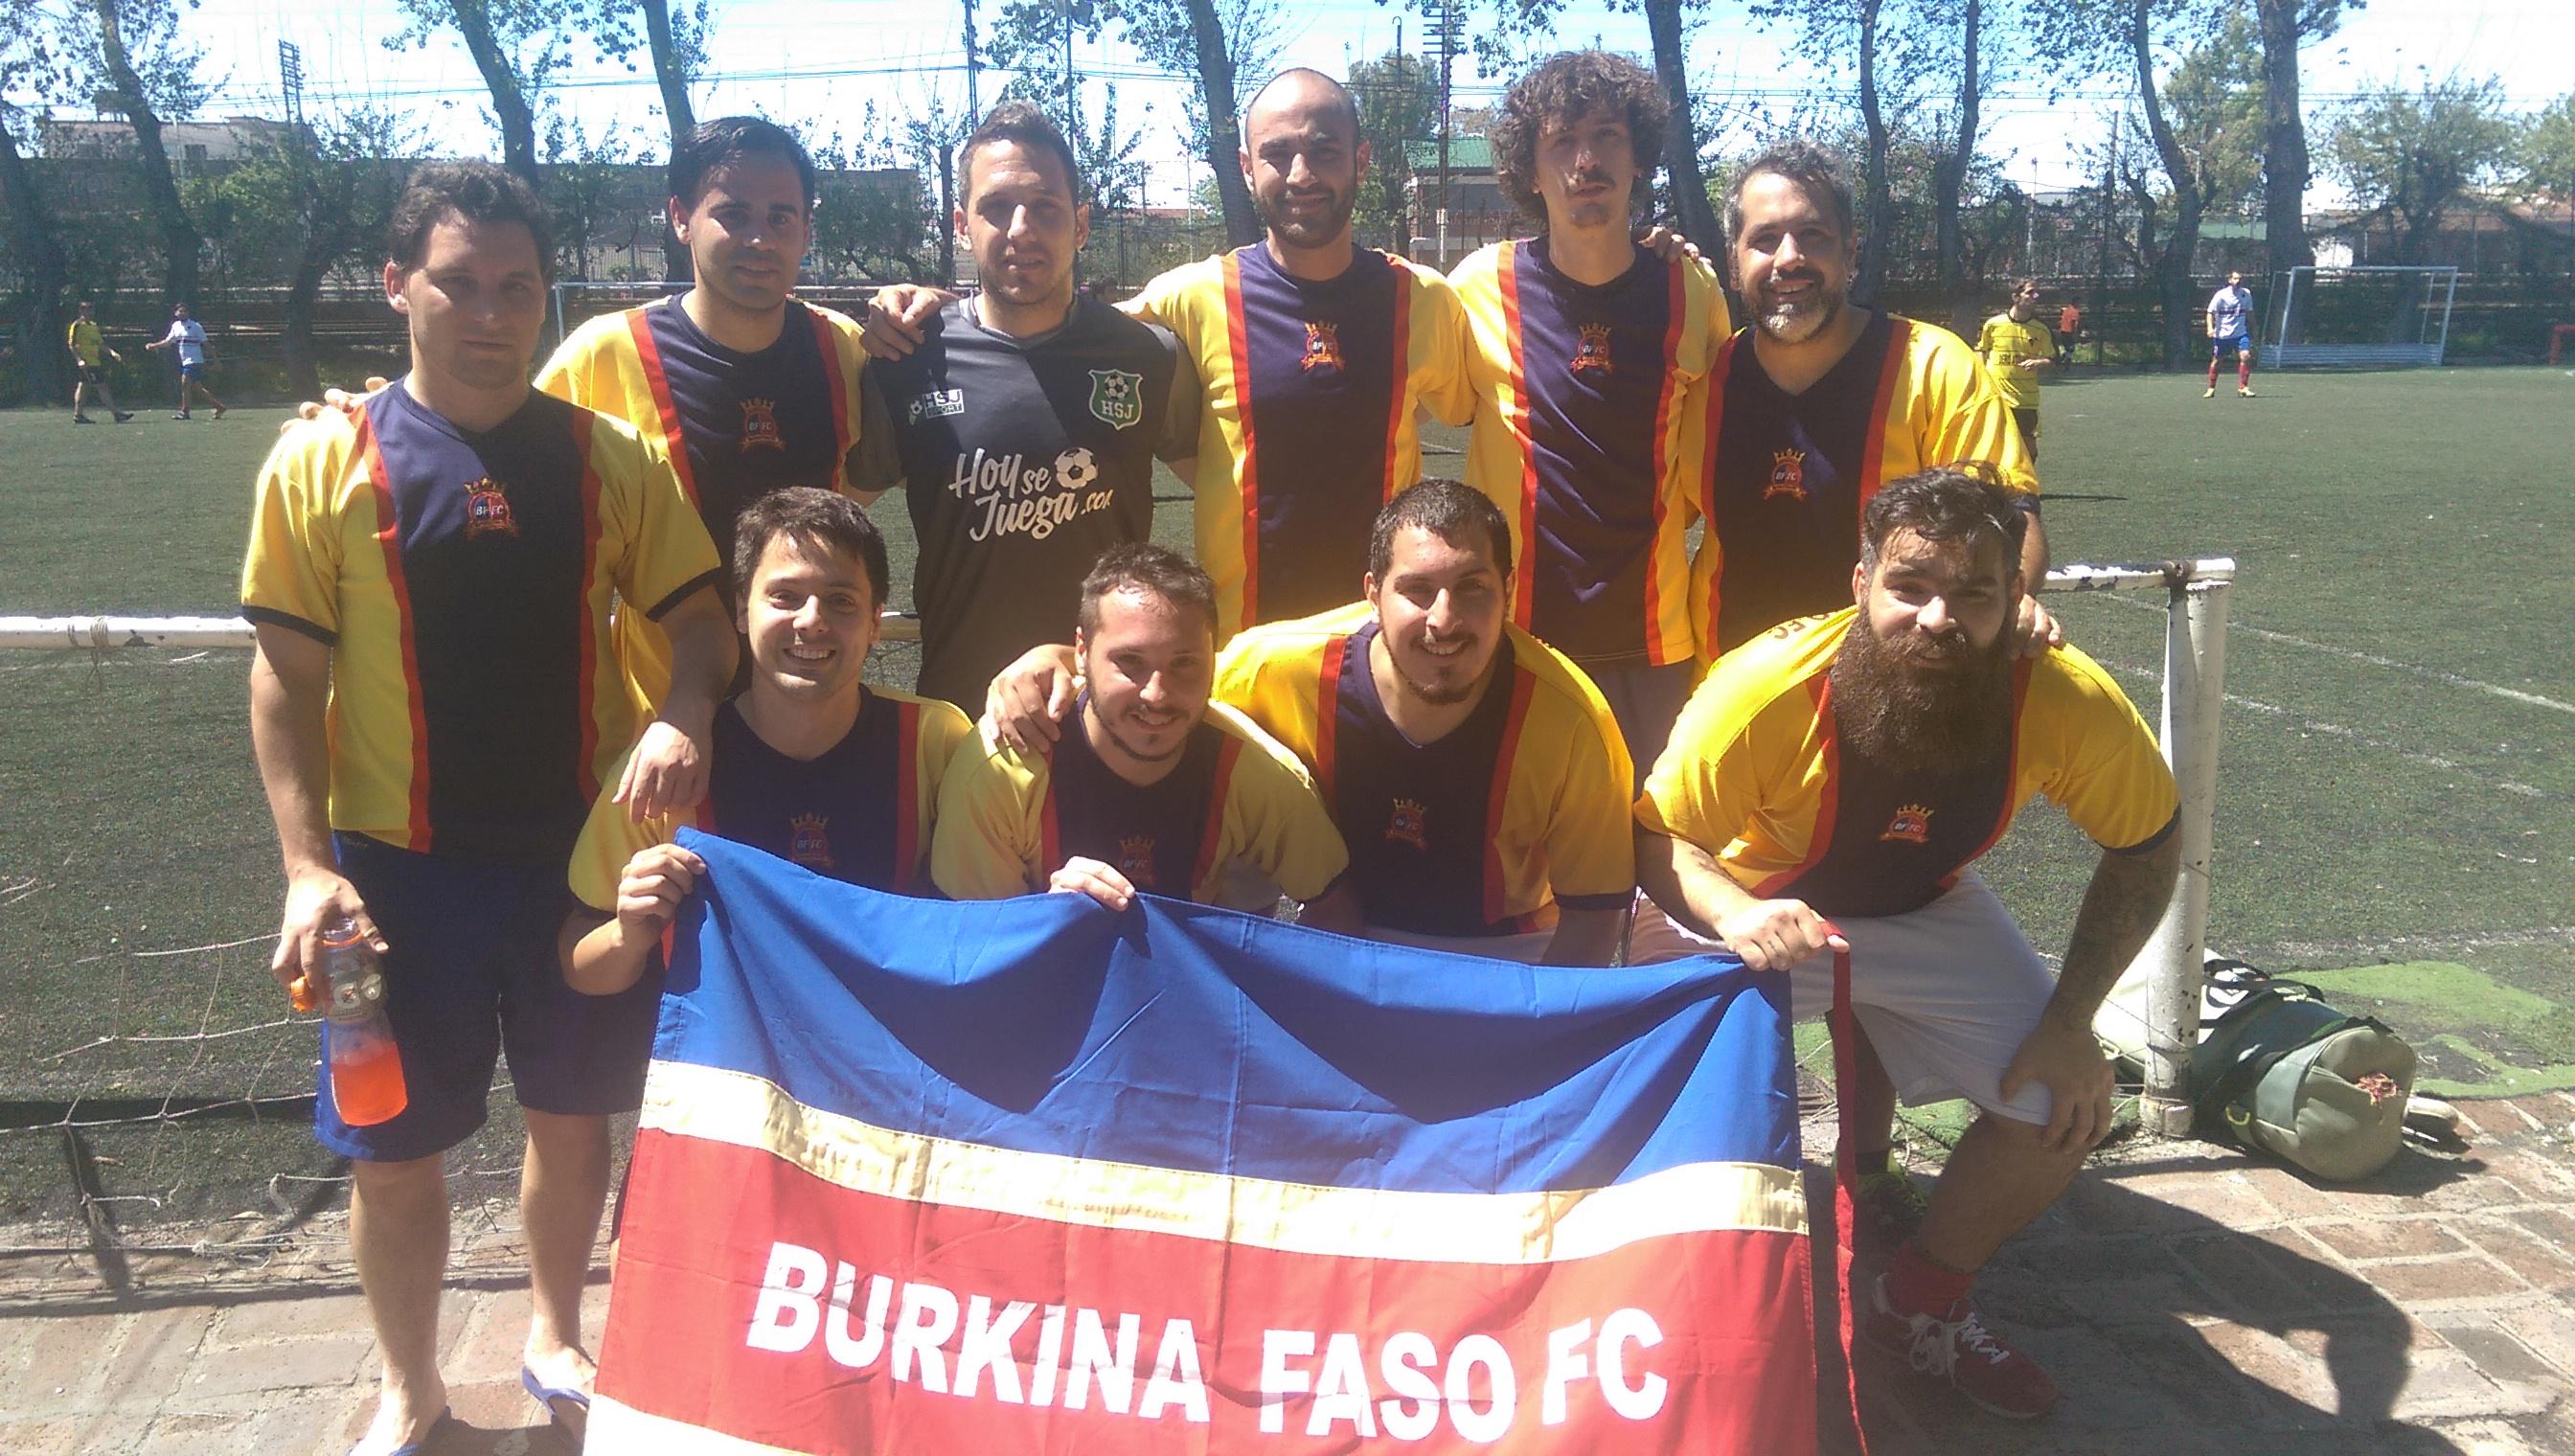 El equipo Burkina Faso juega al fútbol 9 en los torneos de Fui a la Pelota y nos dieron muchos detalles sobre sus cinco años de historia